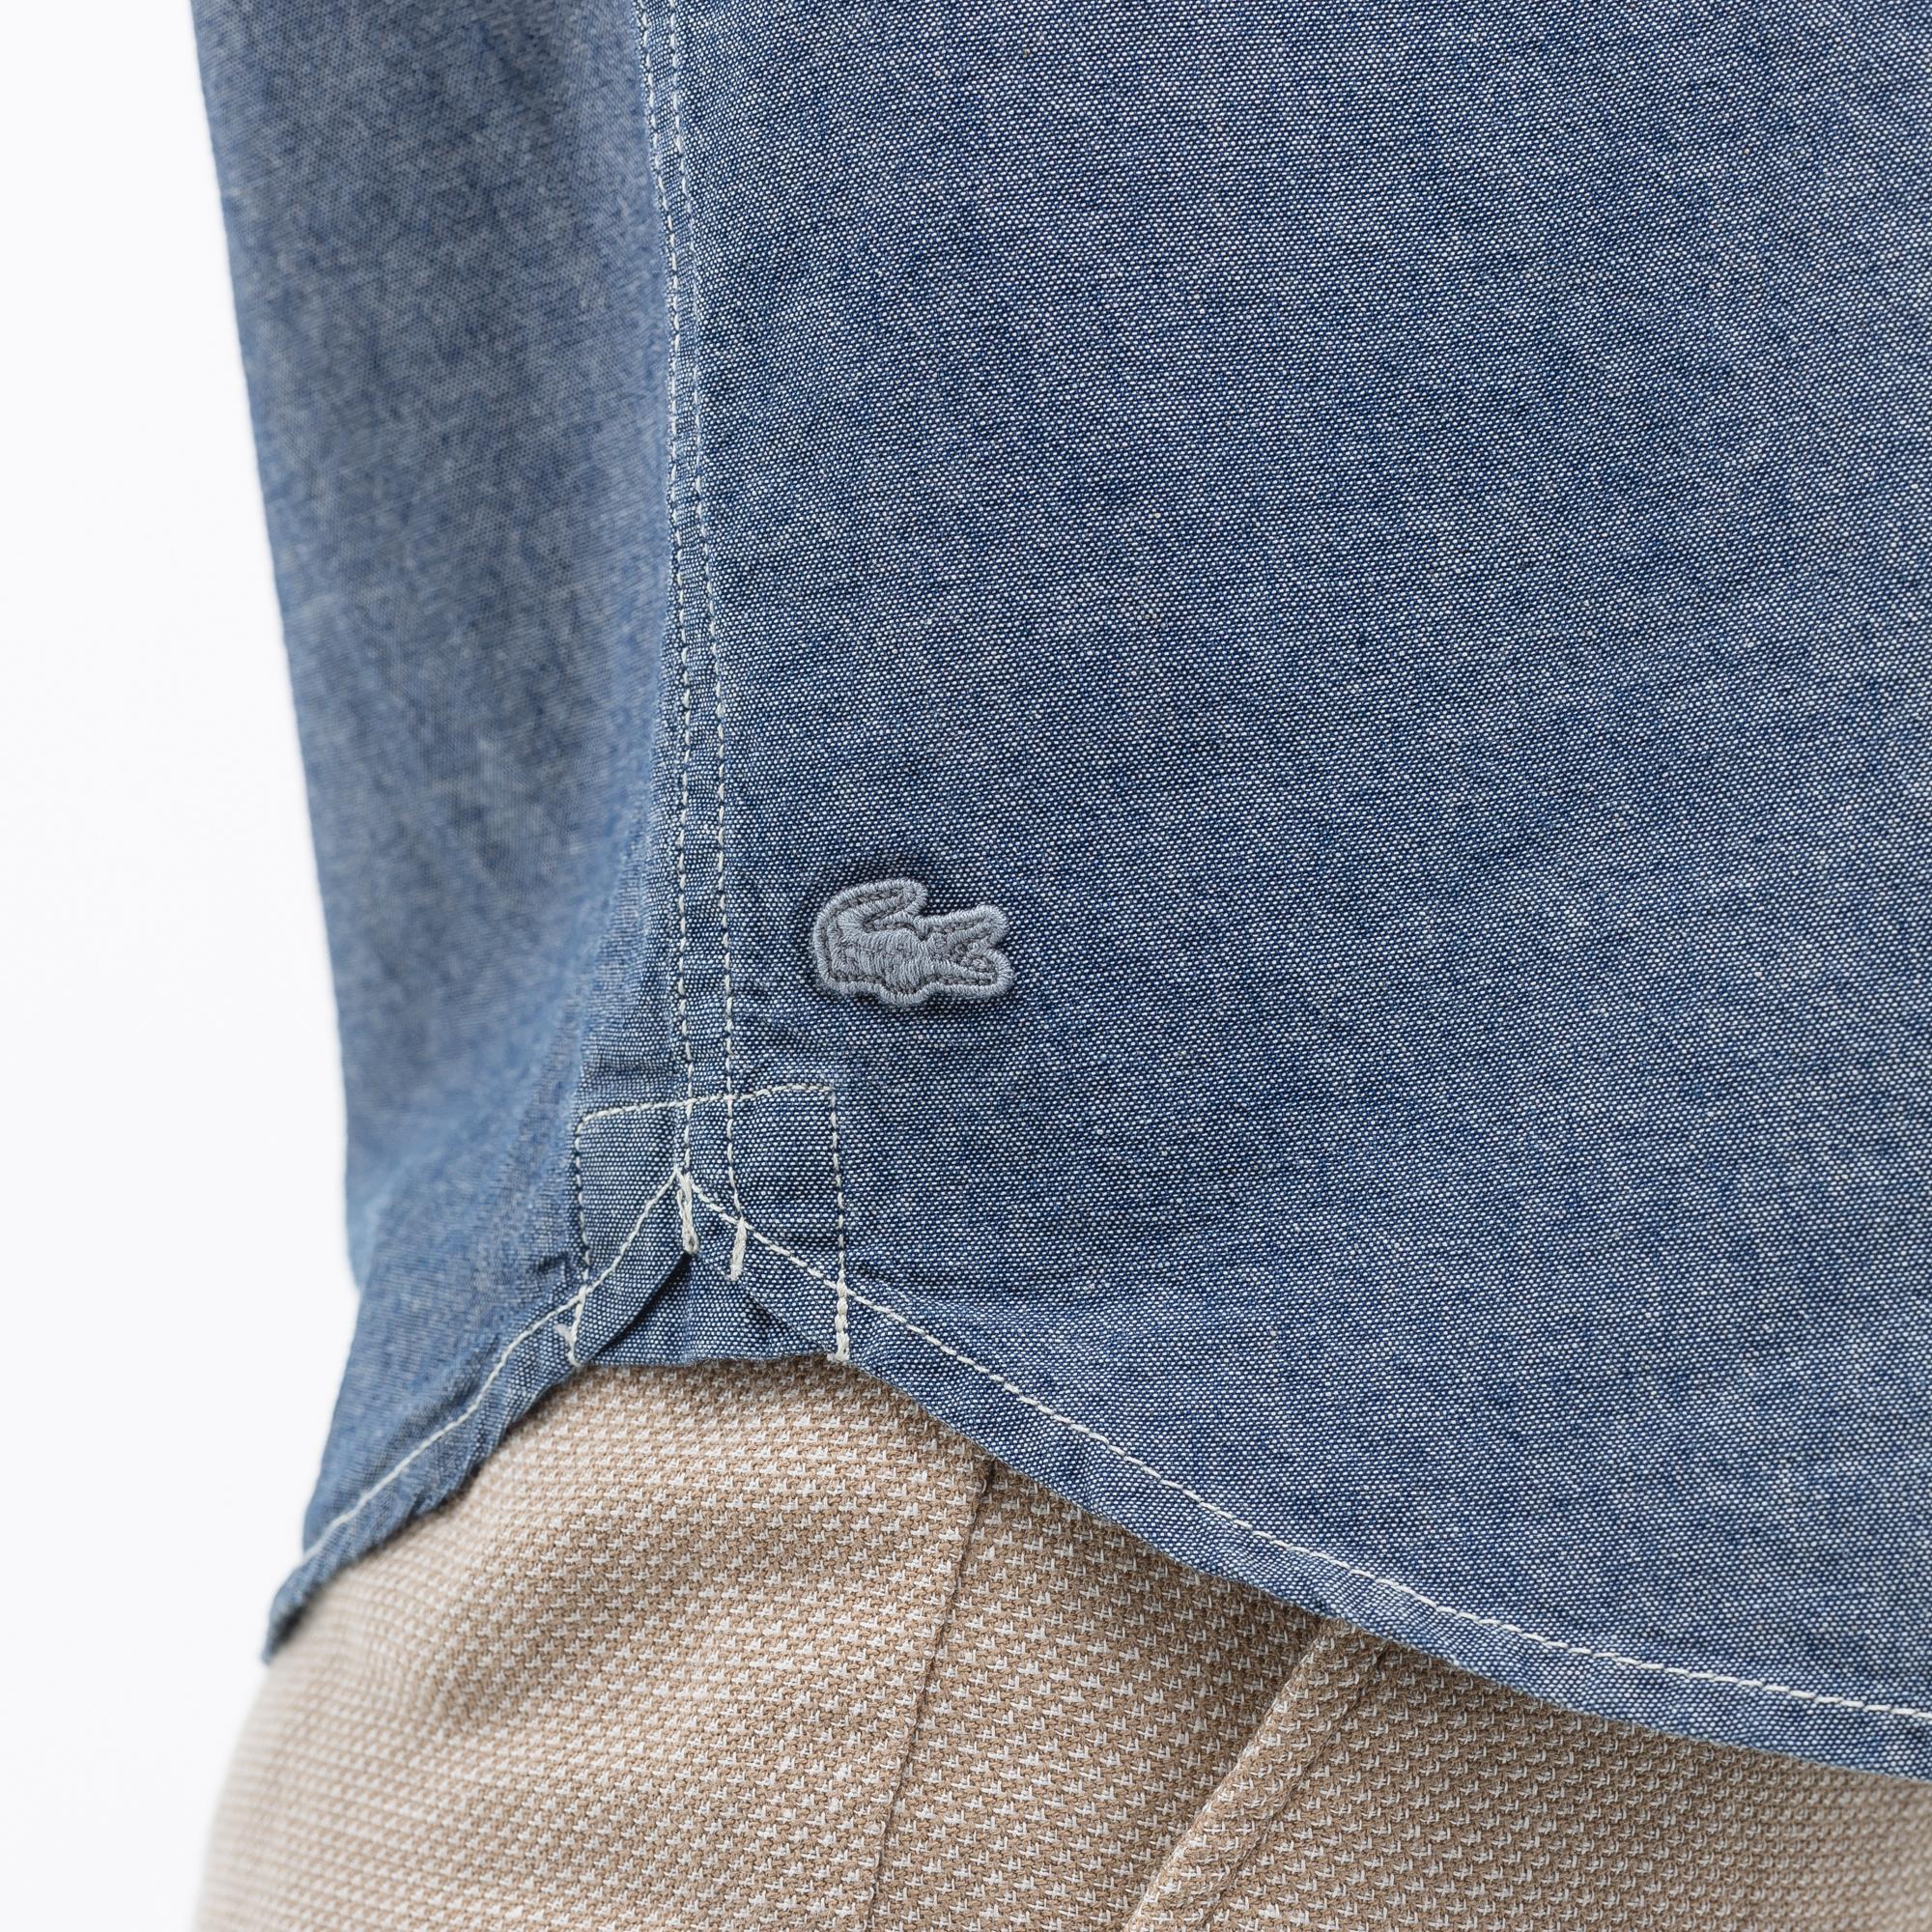 Фото 5 - Рубашку Lacoste Loose fit синего цвета